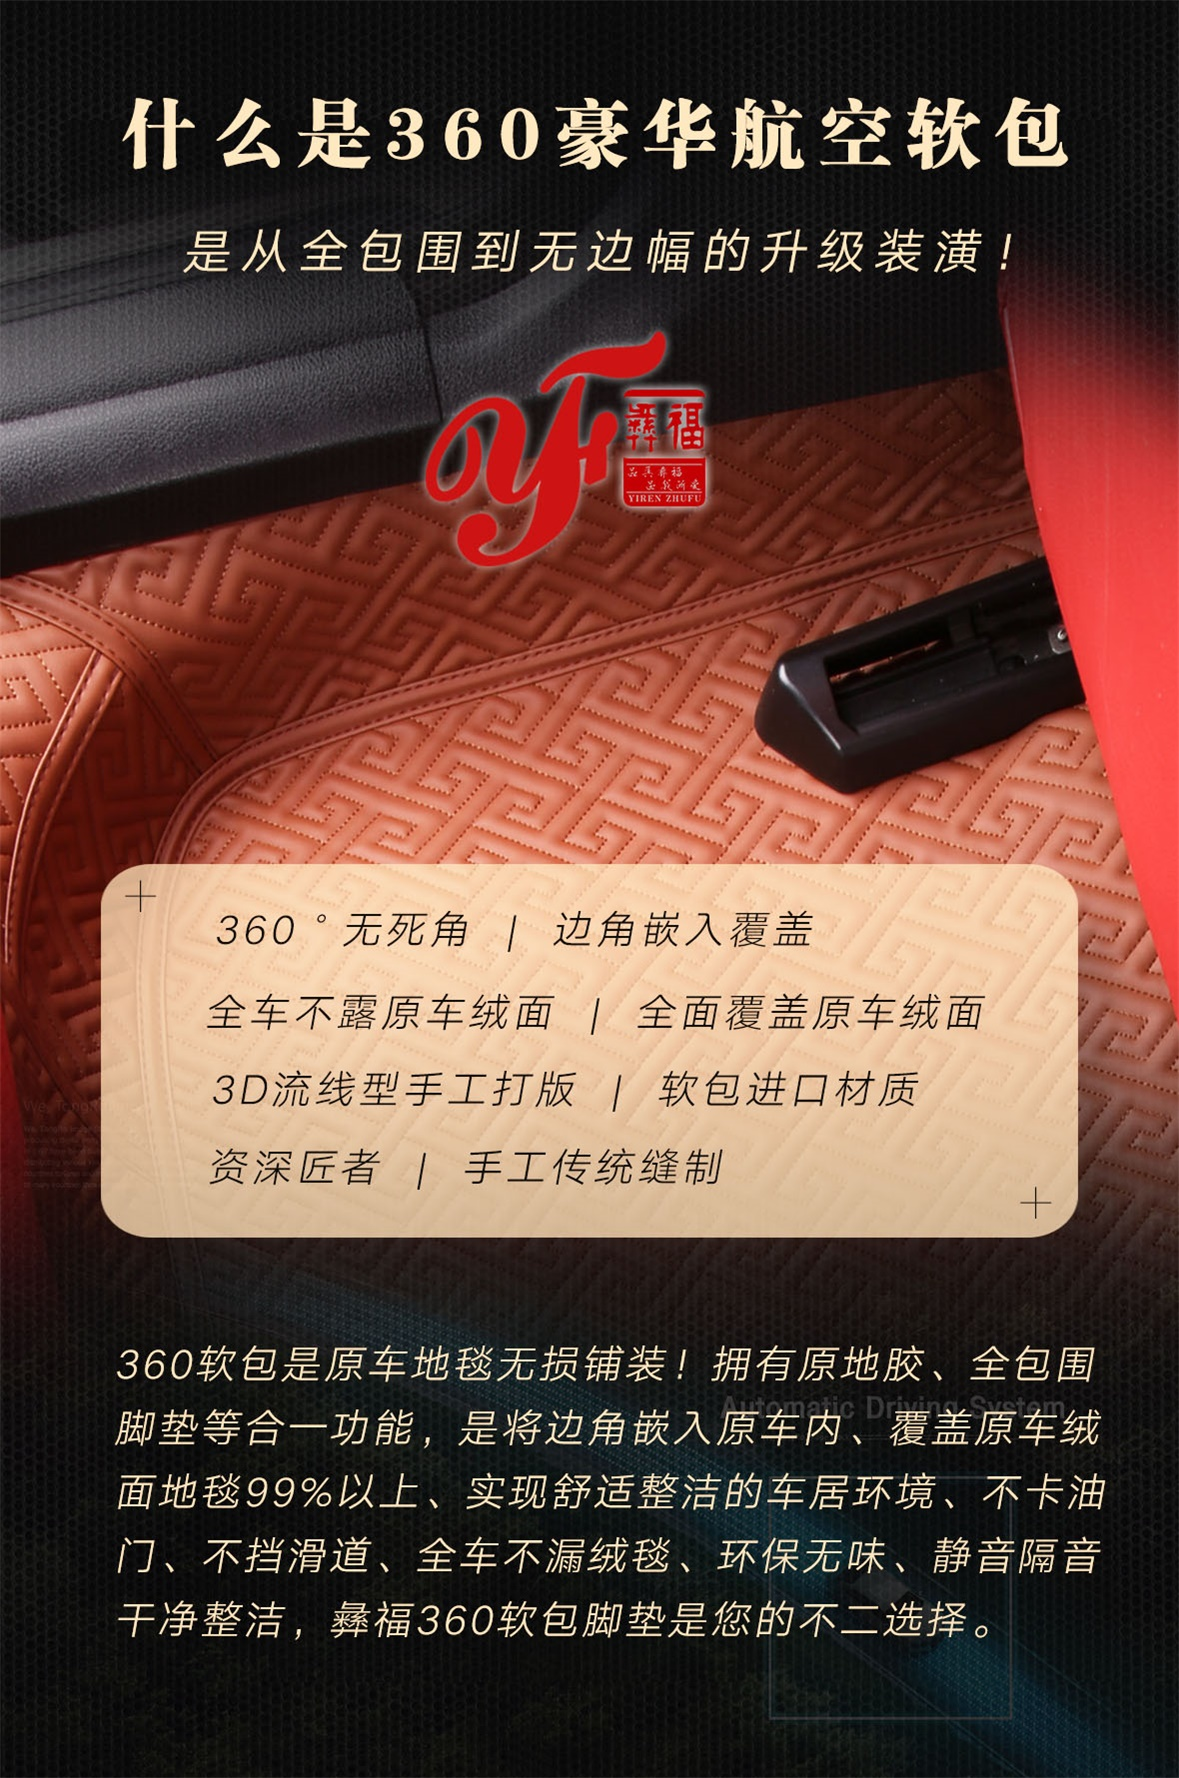 02-定義360-1180.jpg